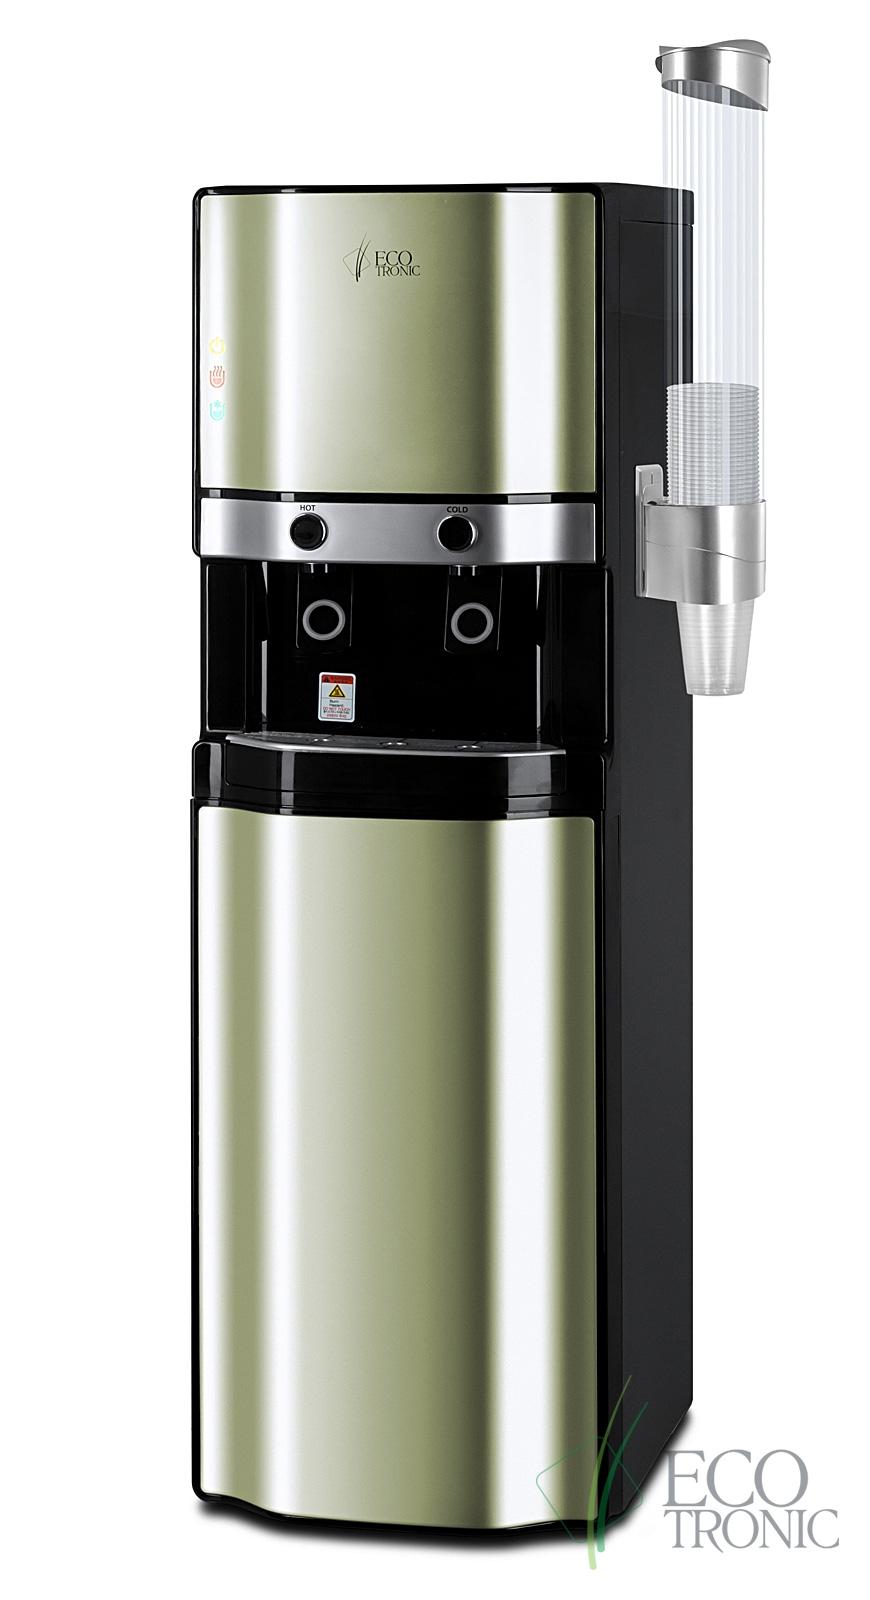 Пурифайер Ecotronic A30-U4L ExtraHot gold - 2